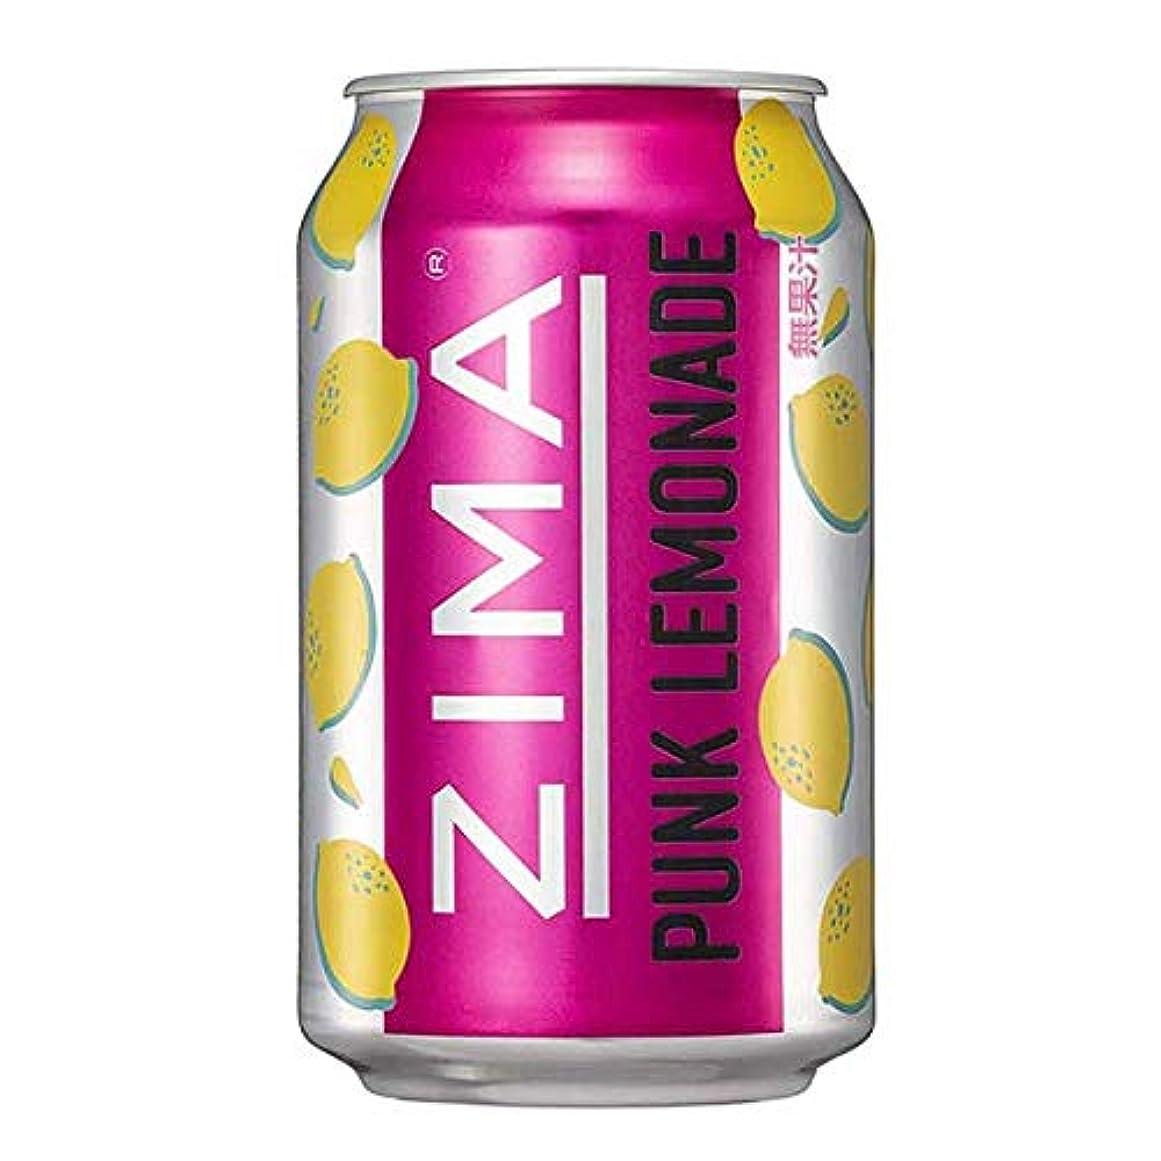 区別期限疎外Vietnam ベトナム ジーマ (ZIMA)パンク レモネード 缶 330ml/24本.hn.snb お届けまで7日ほどかかります